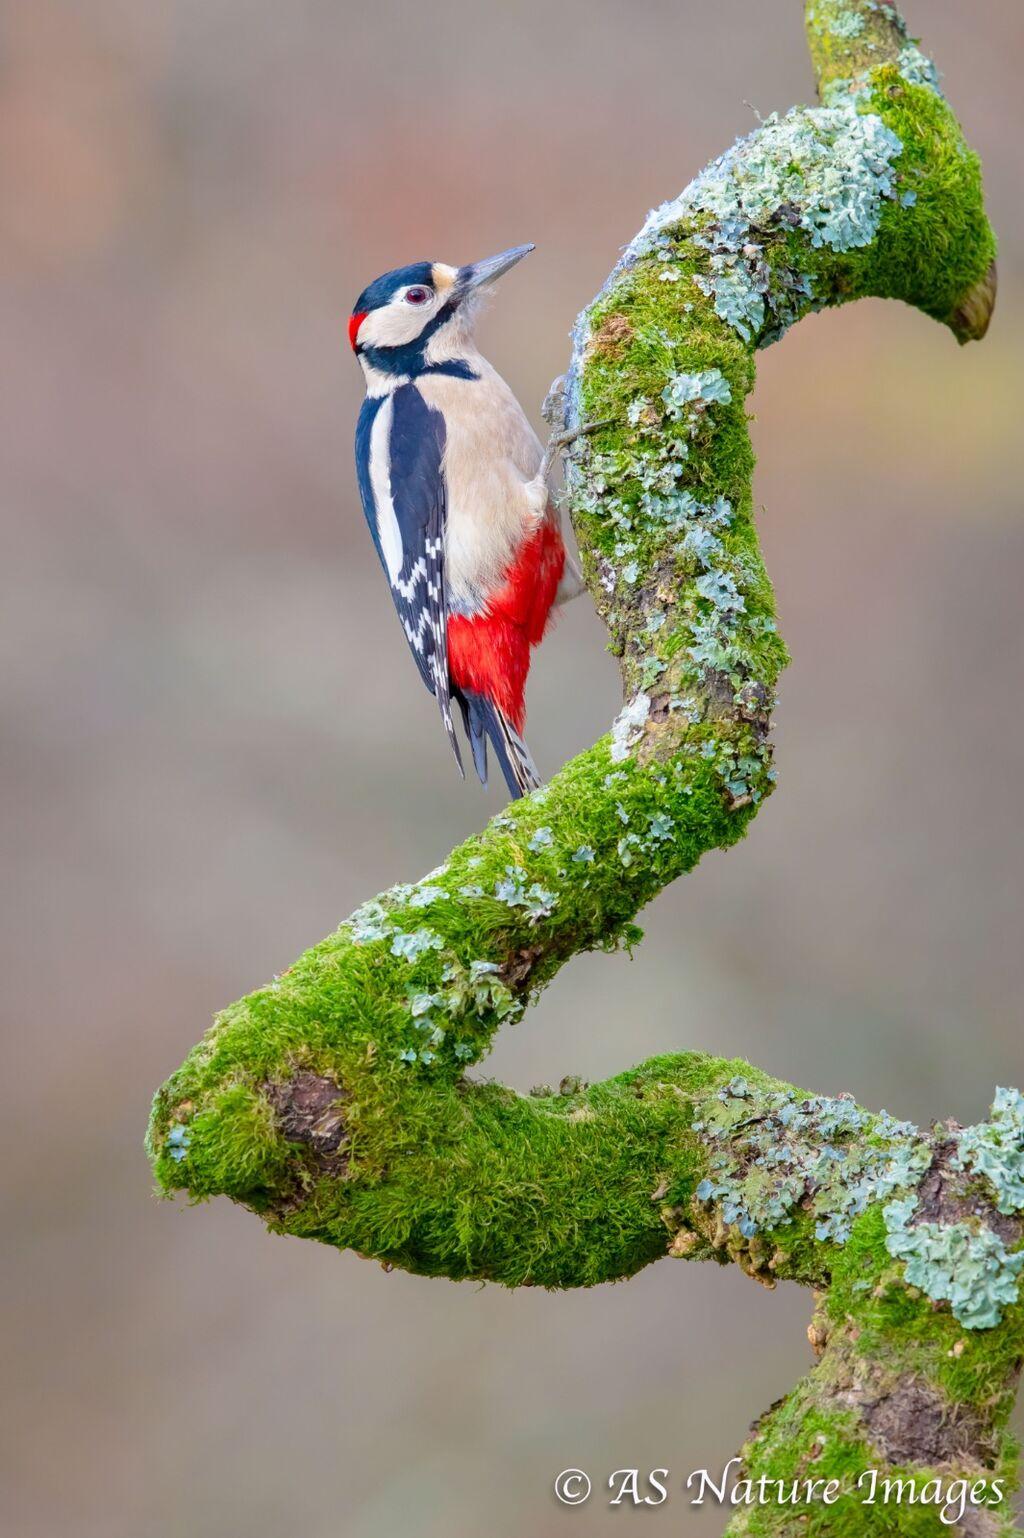 Male Great Spotted Woodpecker in Oak Tree